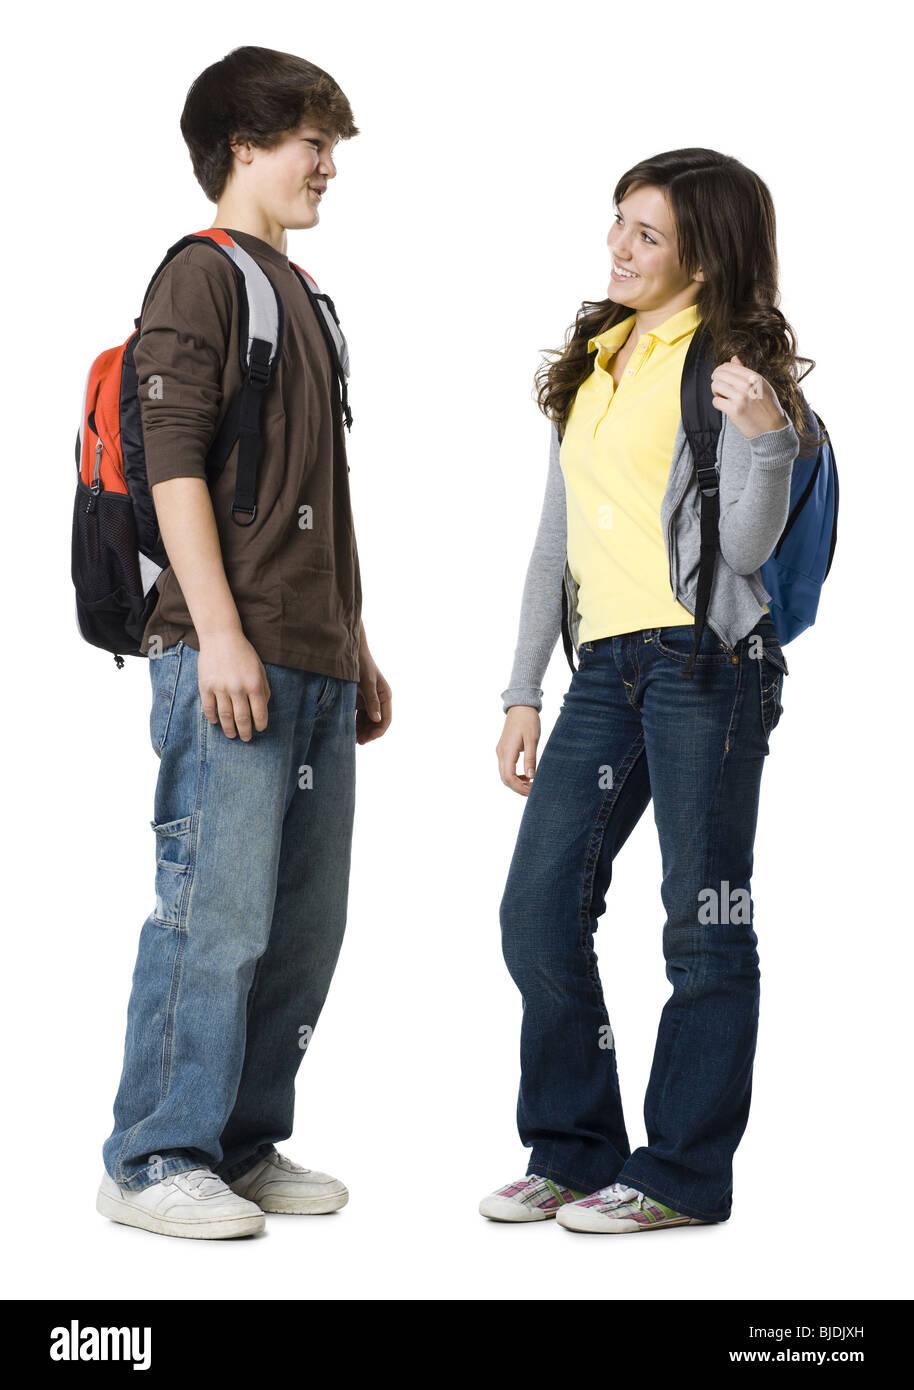 Los estudiantes con mochilas escolares posando Imagen De Stock